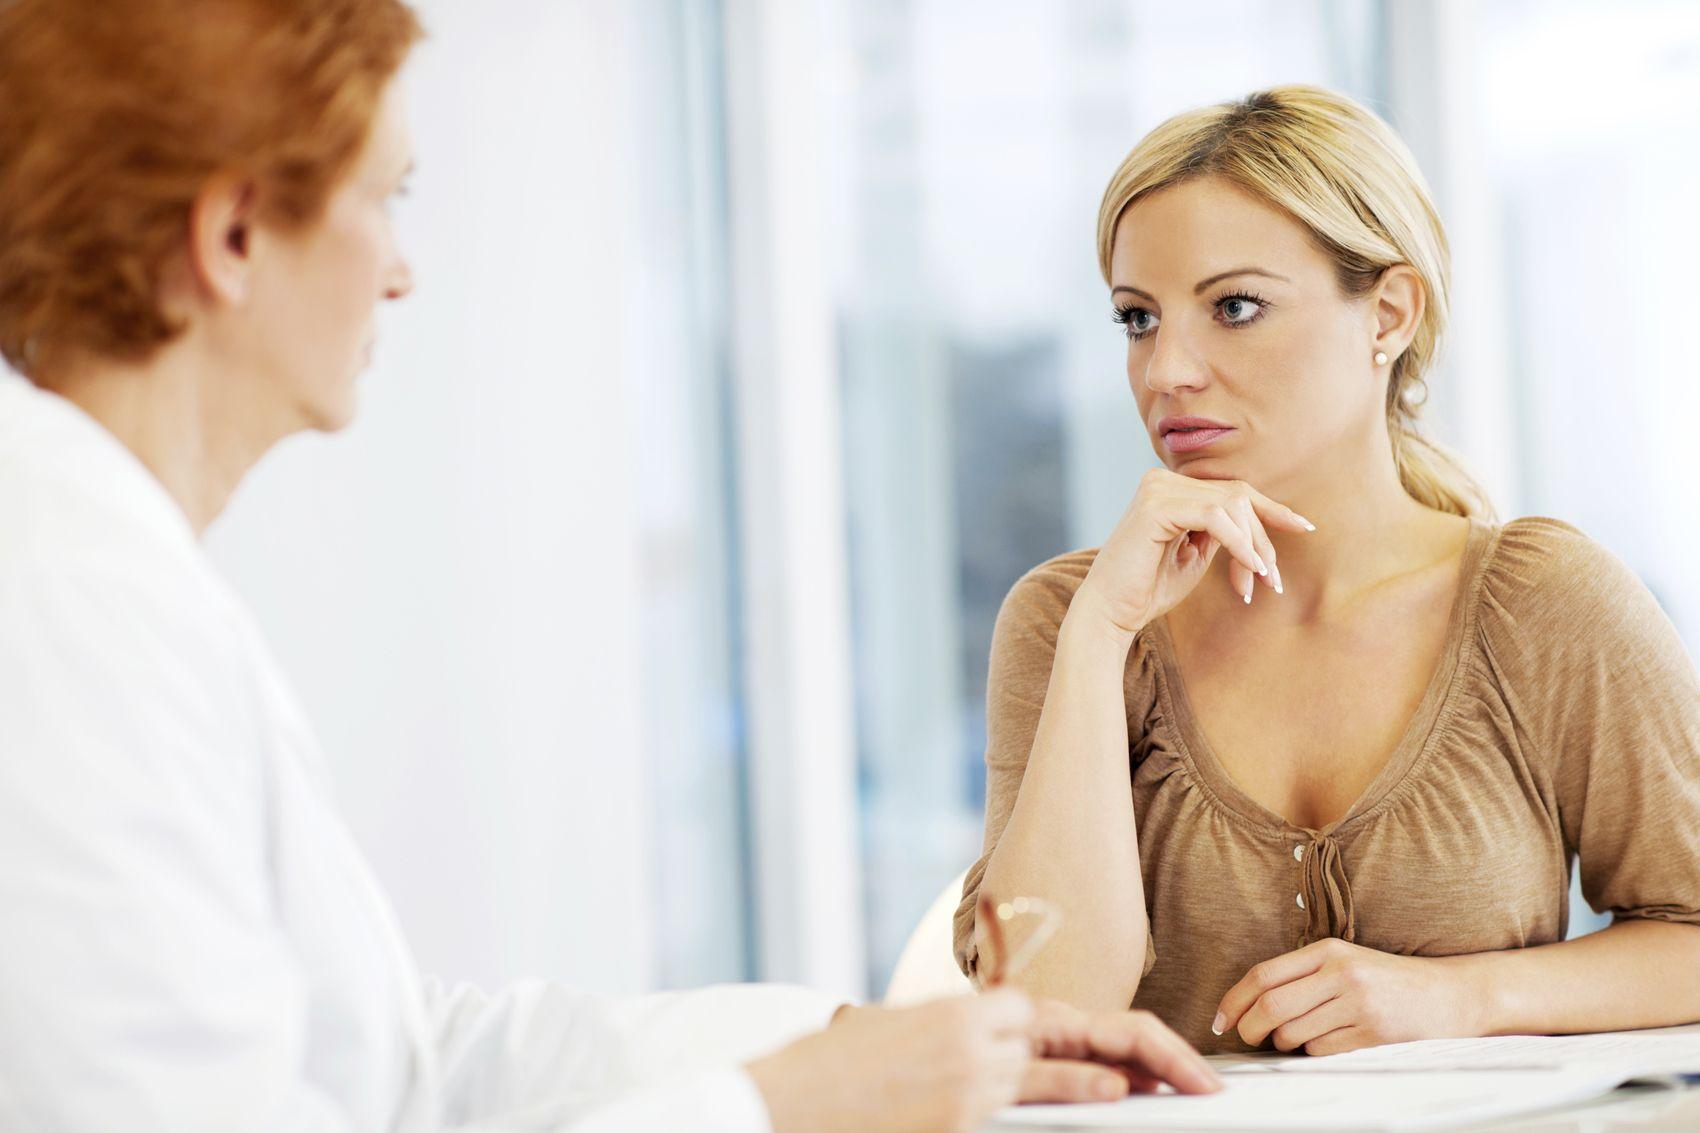 Prima visita dal ginecologo: come affrontarla senza stress